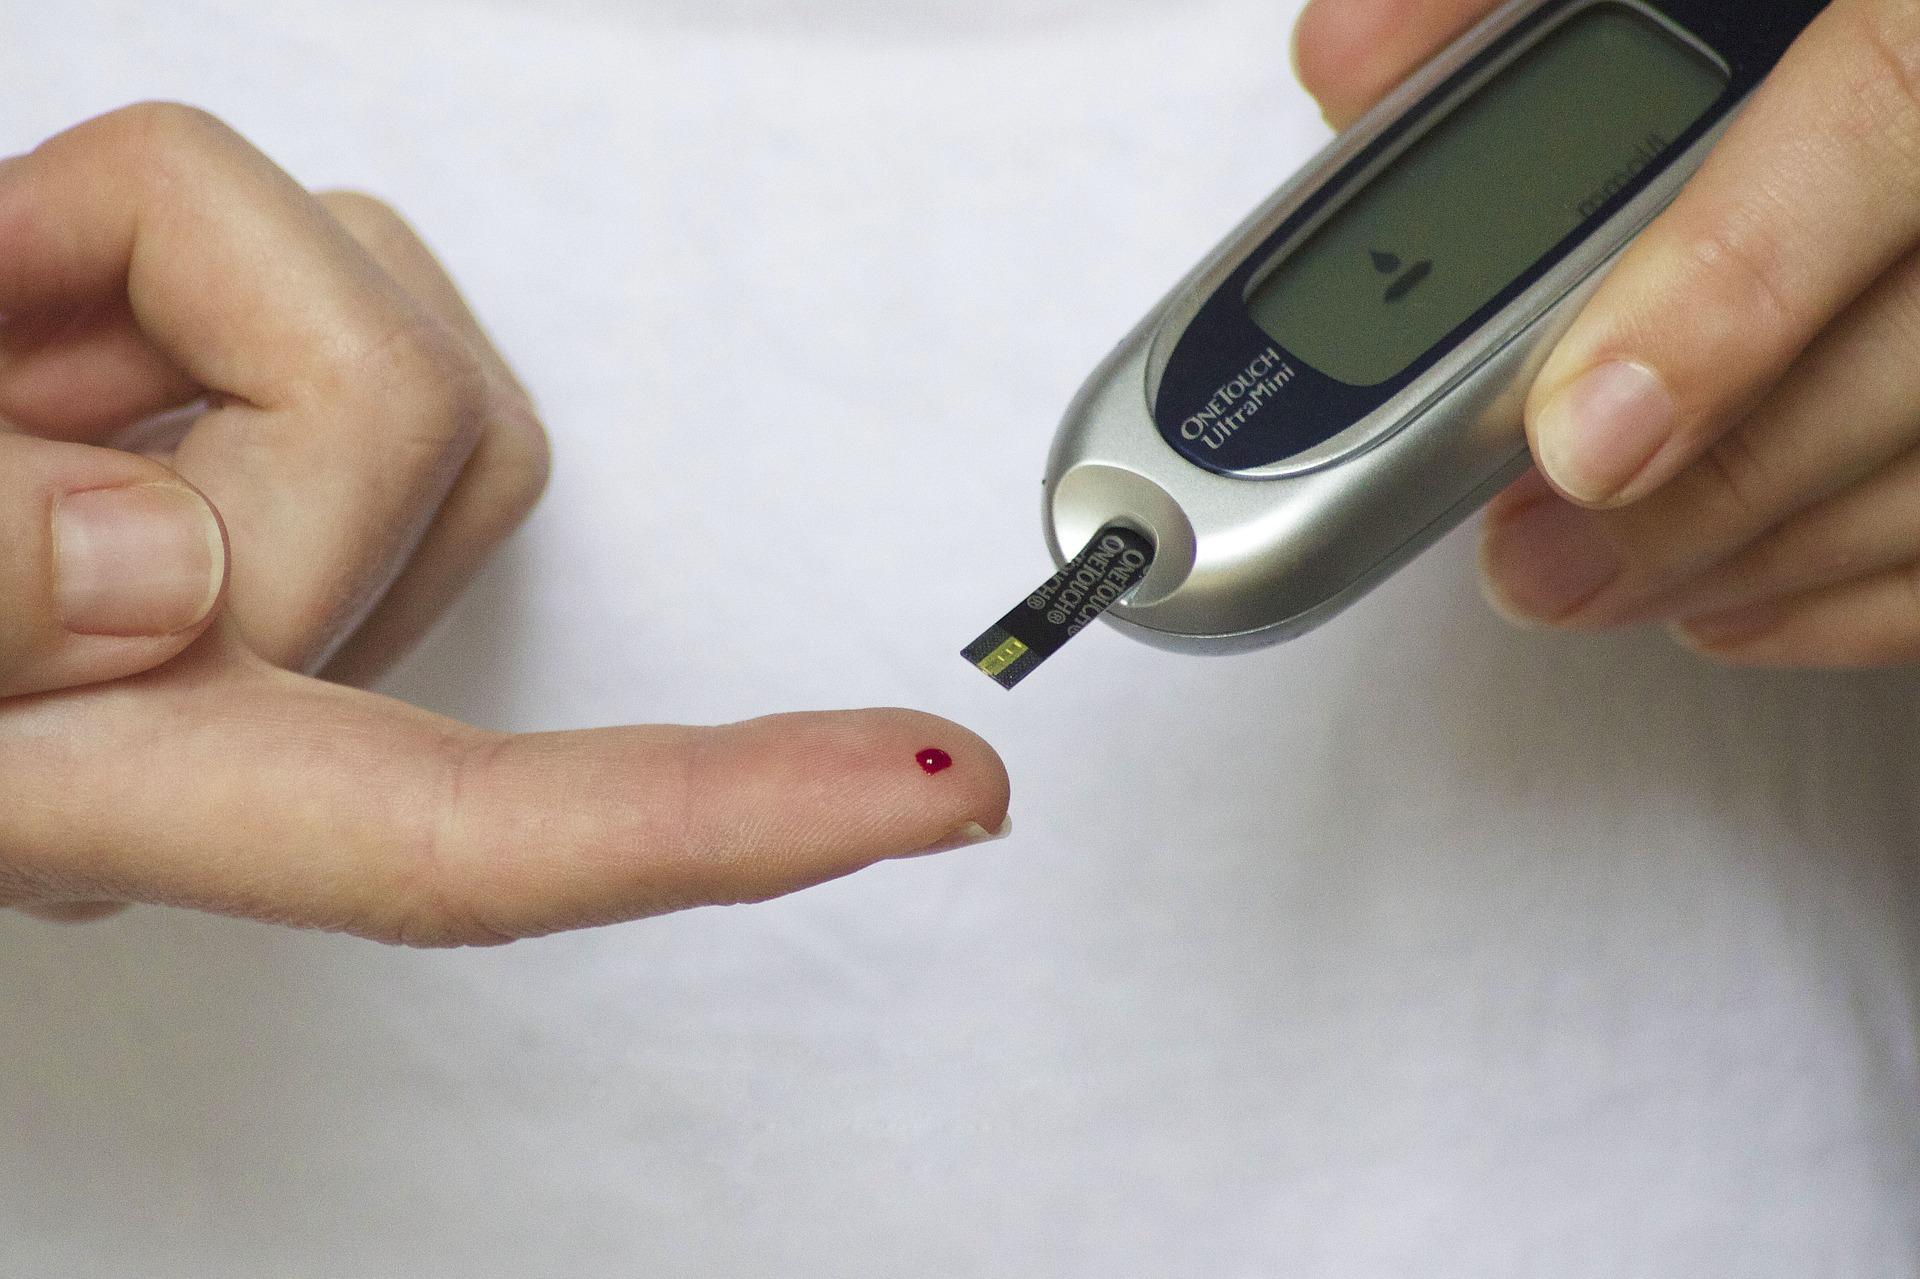 Revista Saúde: A relação da gordura com o diabetes